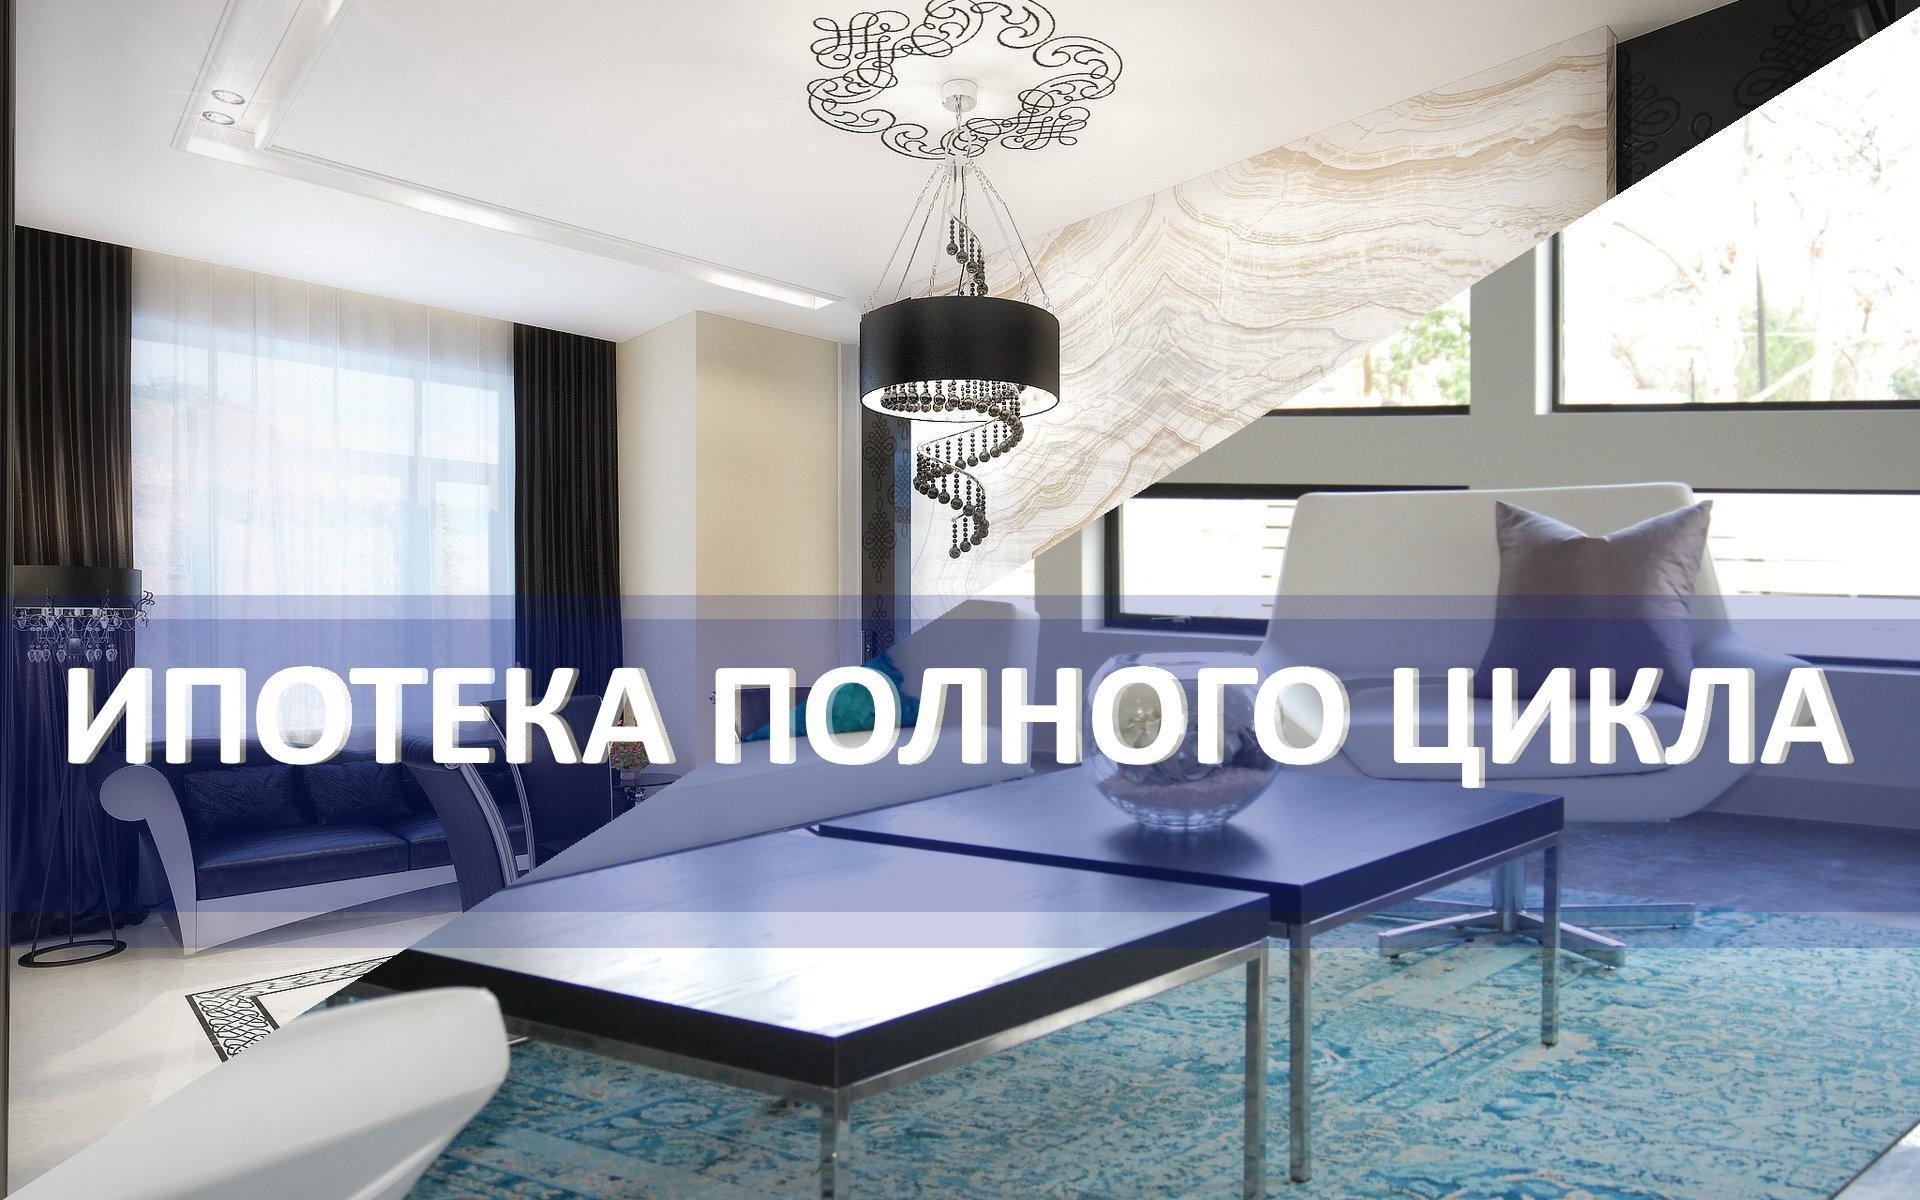 Ипотека банка «ДельтаКредит»